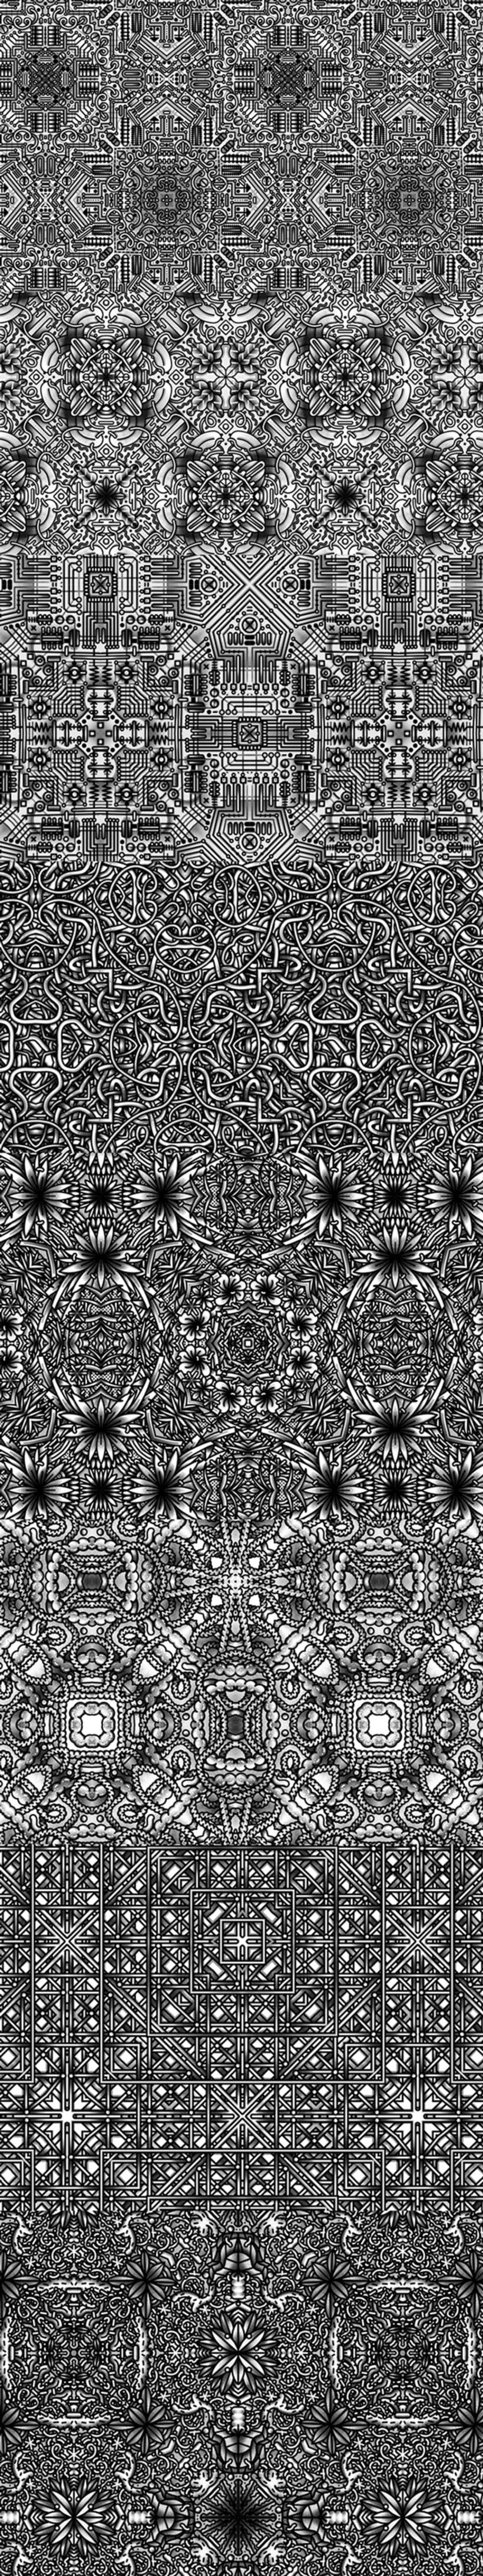 Jugando con patterns (II) 11